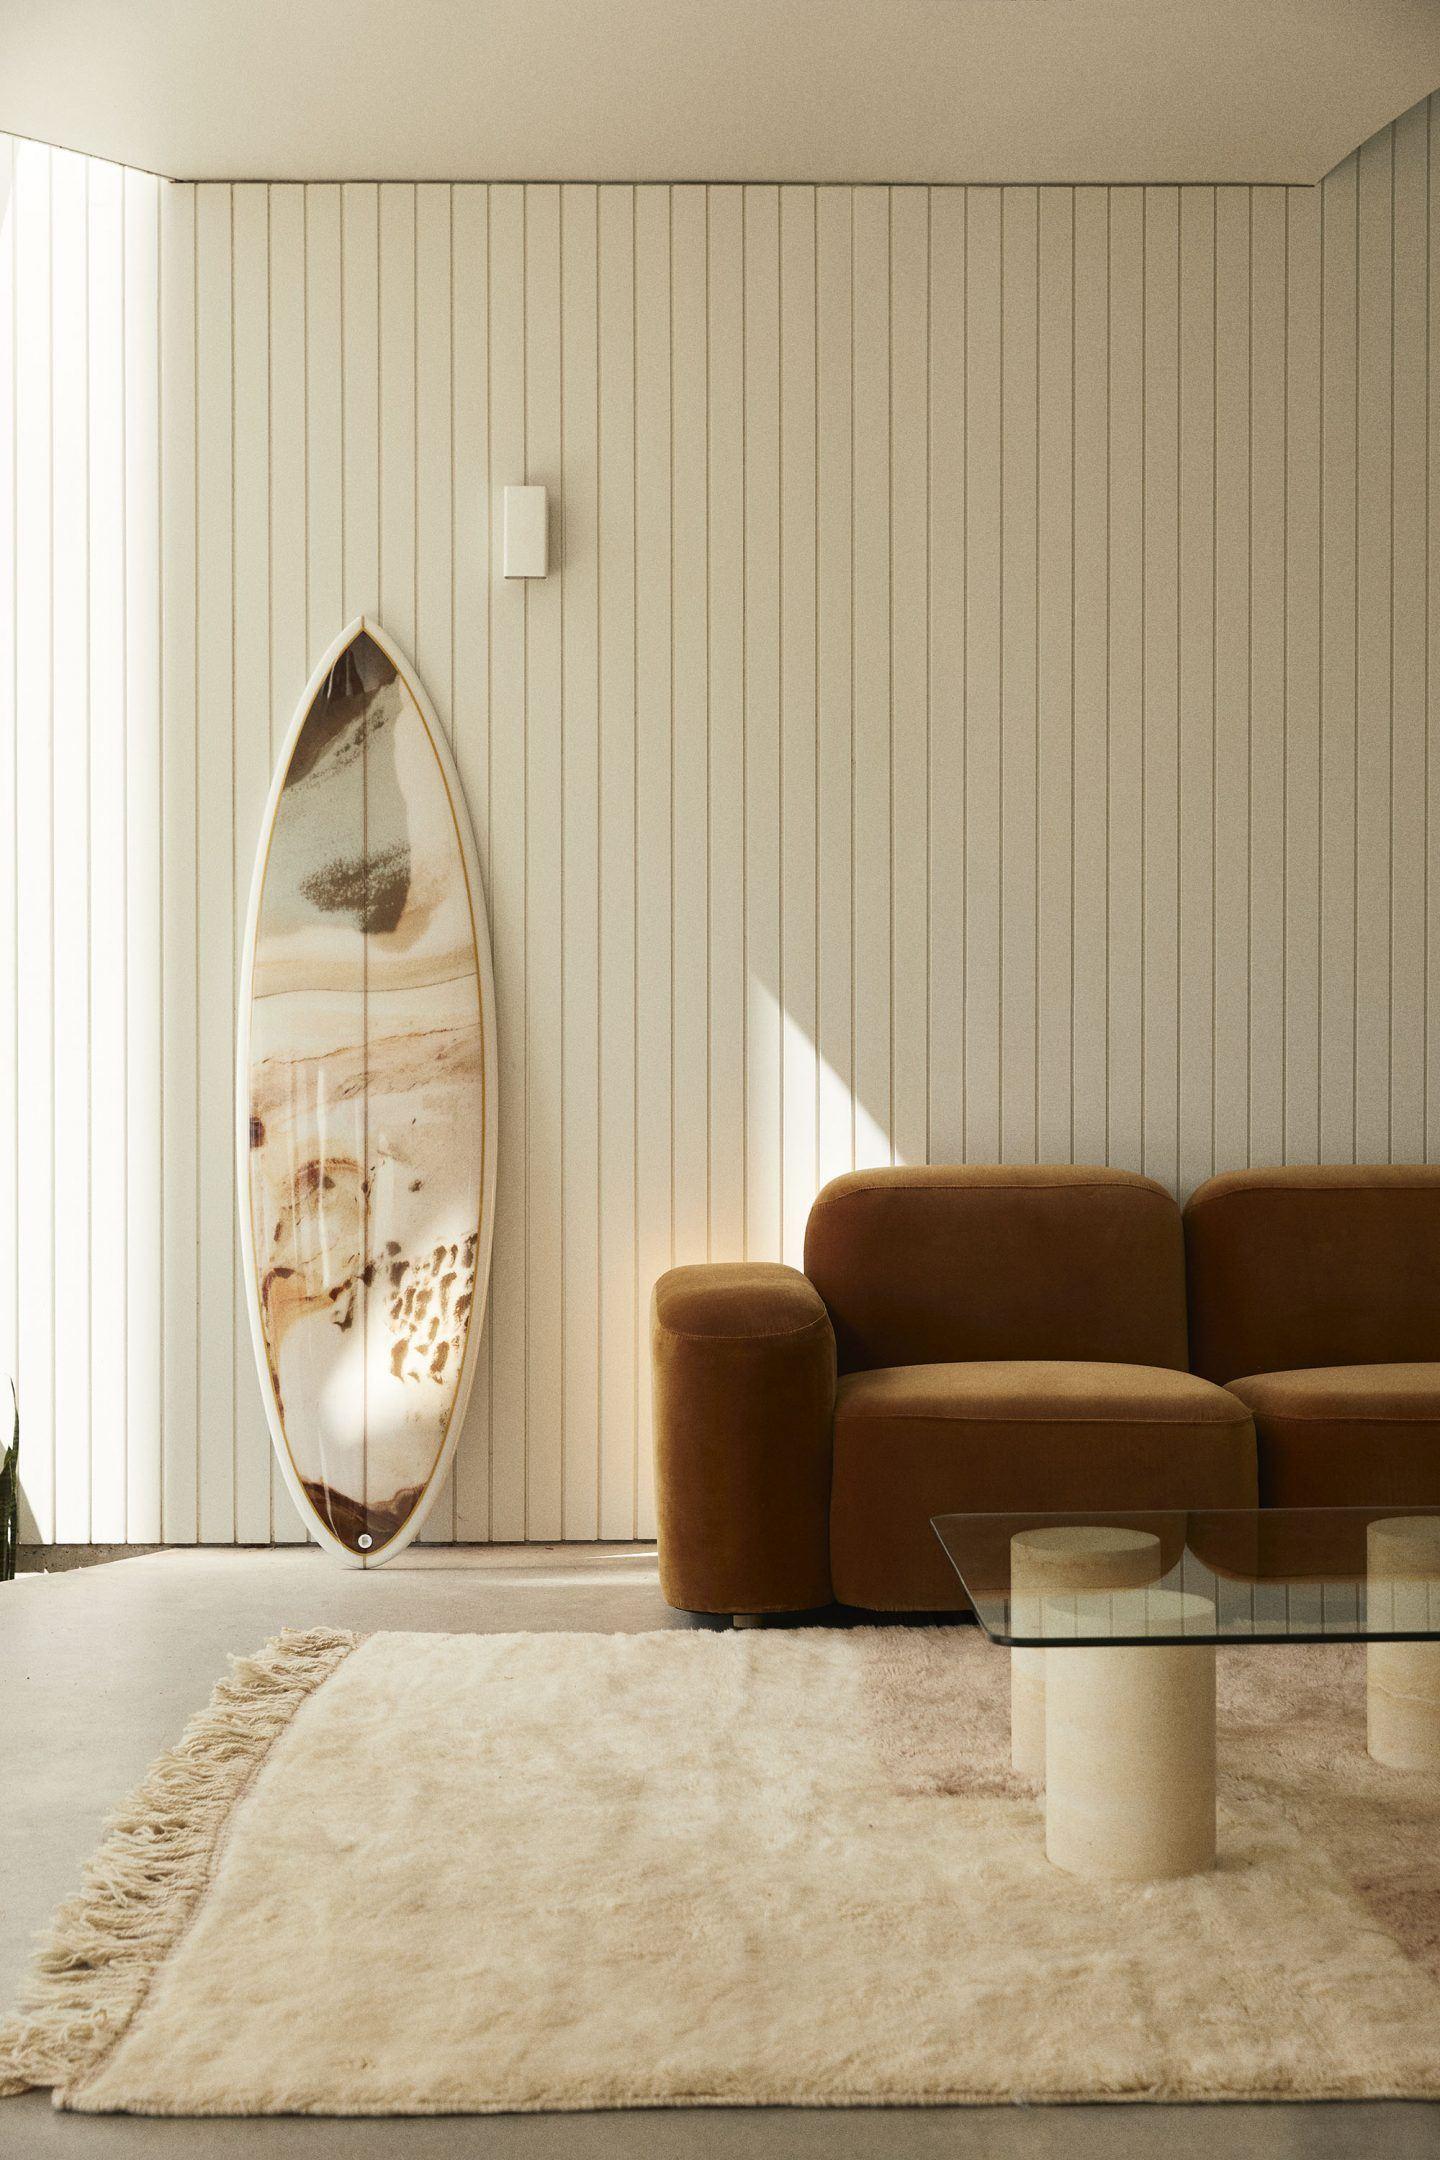 IGNANT-Design-Sarah-Ellison-Sol-03